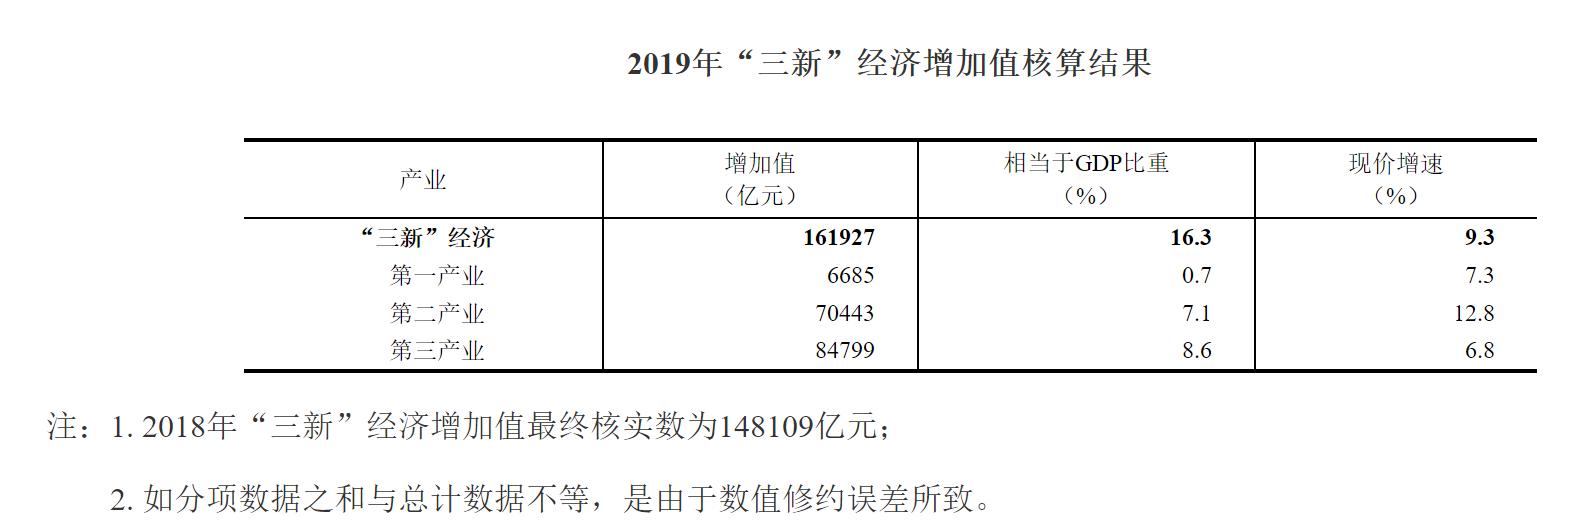 """统计局:去年""""三新""""比同期GDP现价增速高1.5个百分点"""